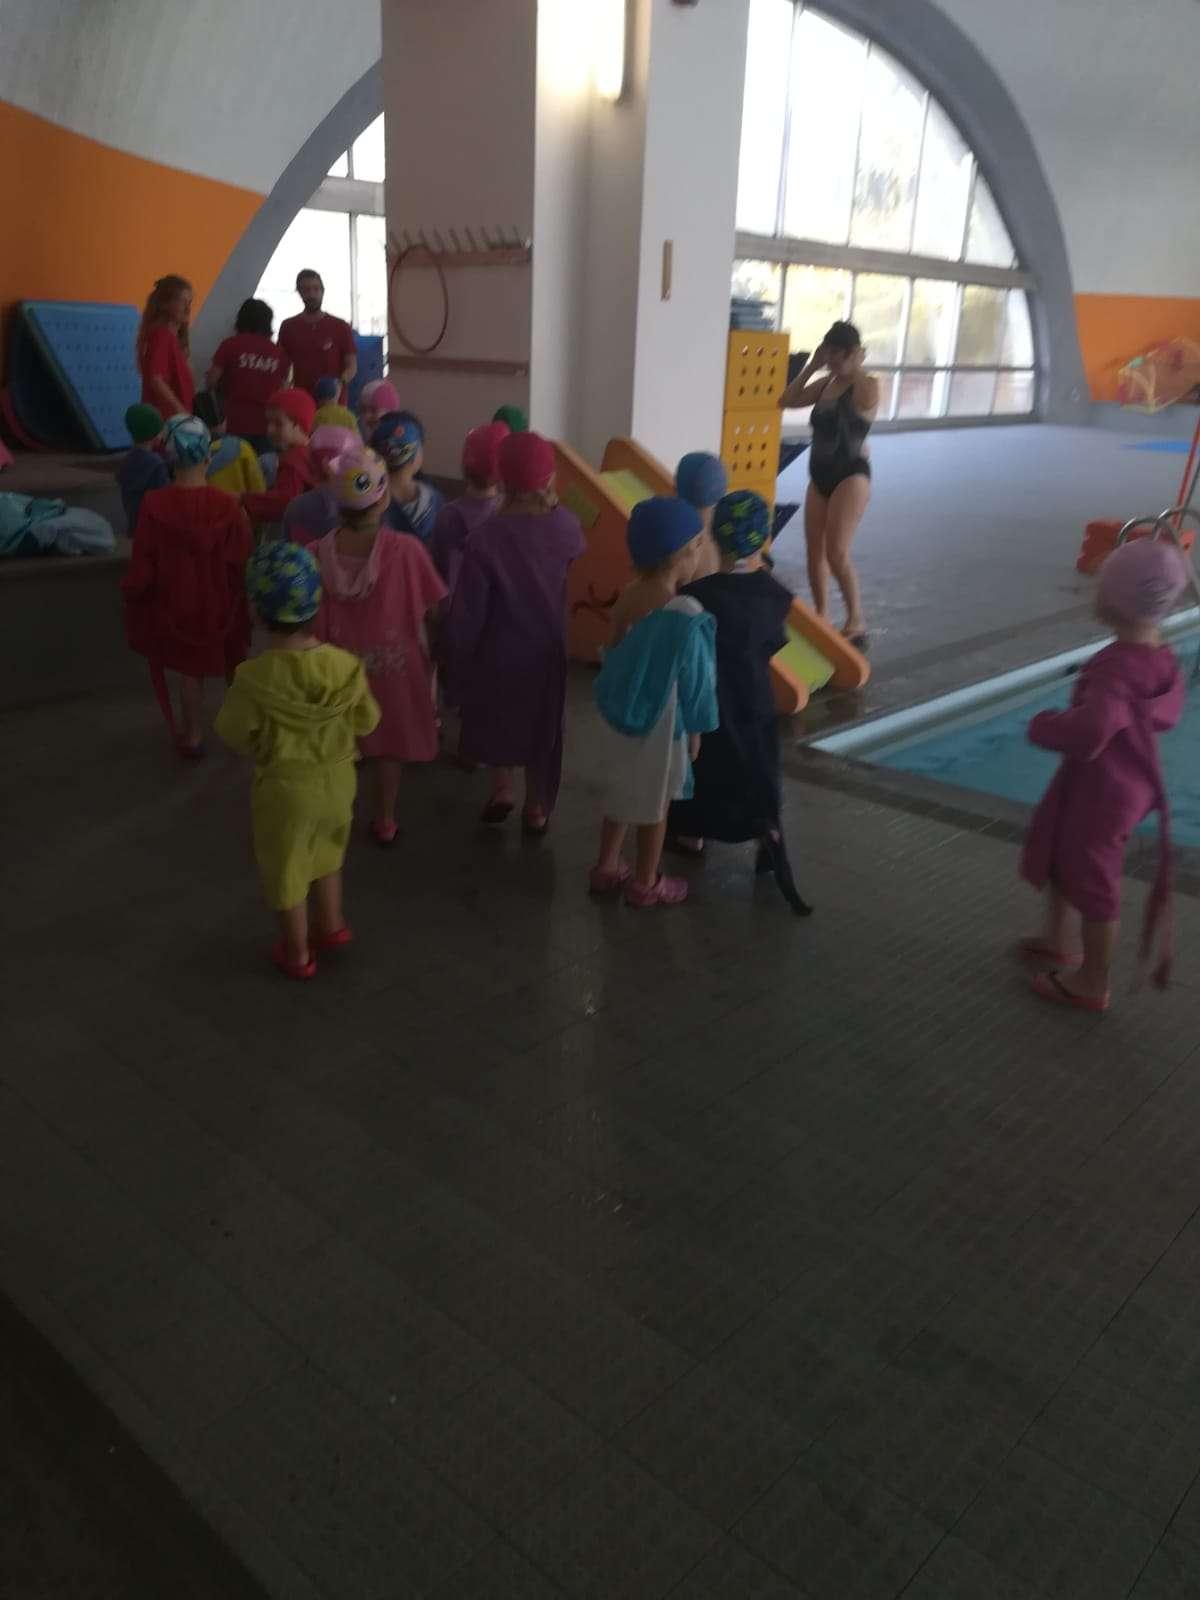 Incontro con l'acqua alla Scuola Buzzoni - Scuola Materna Peschiera Borromeo